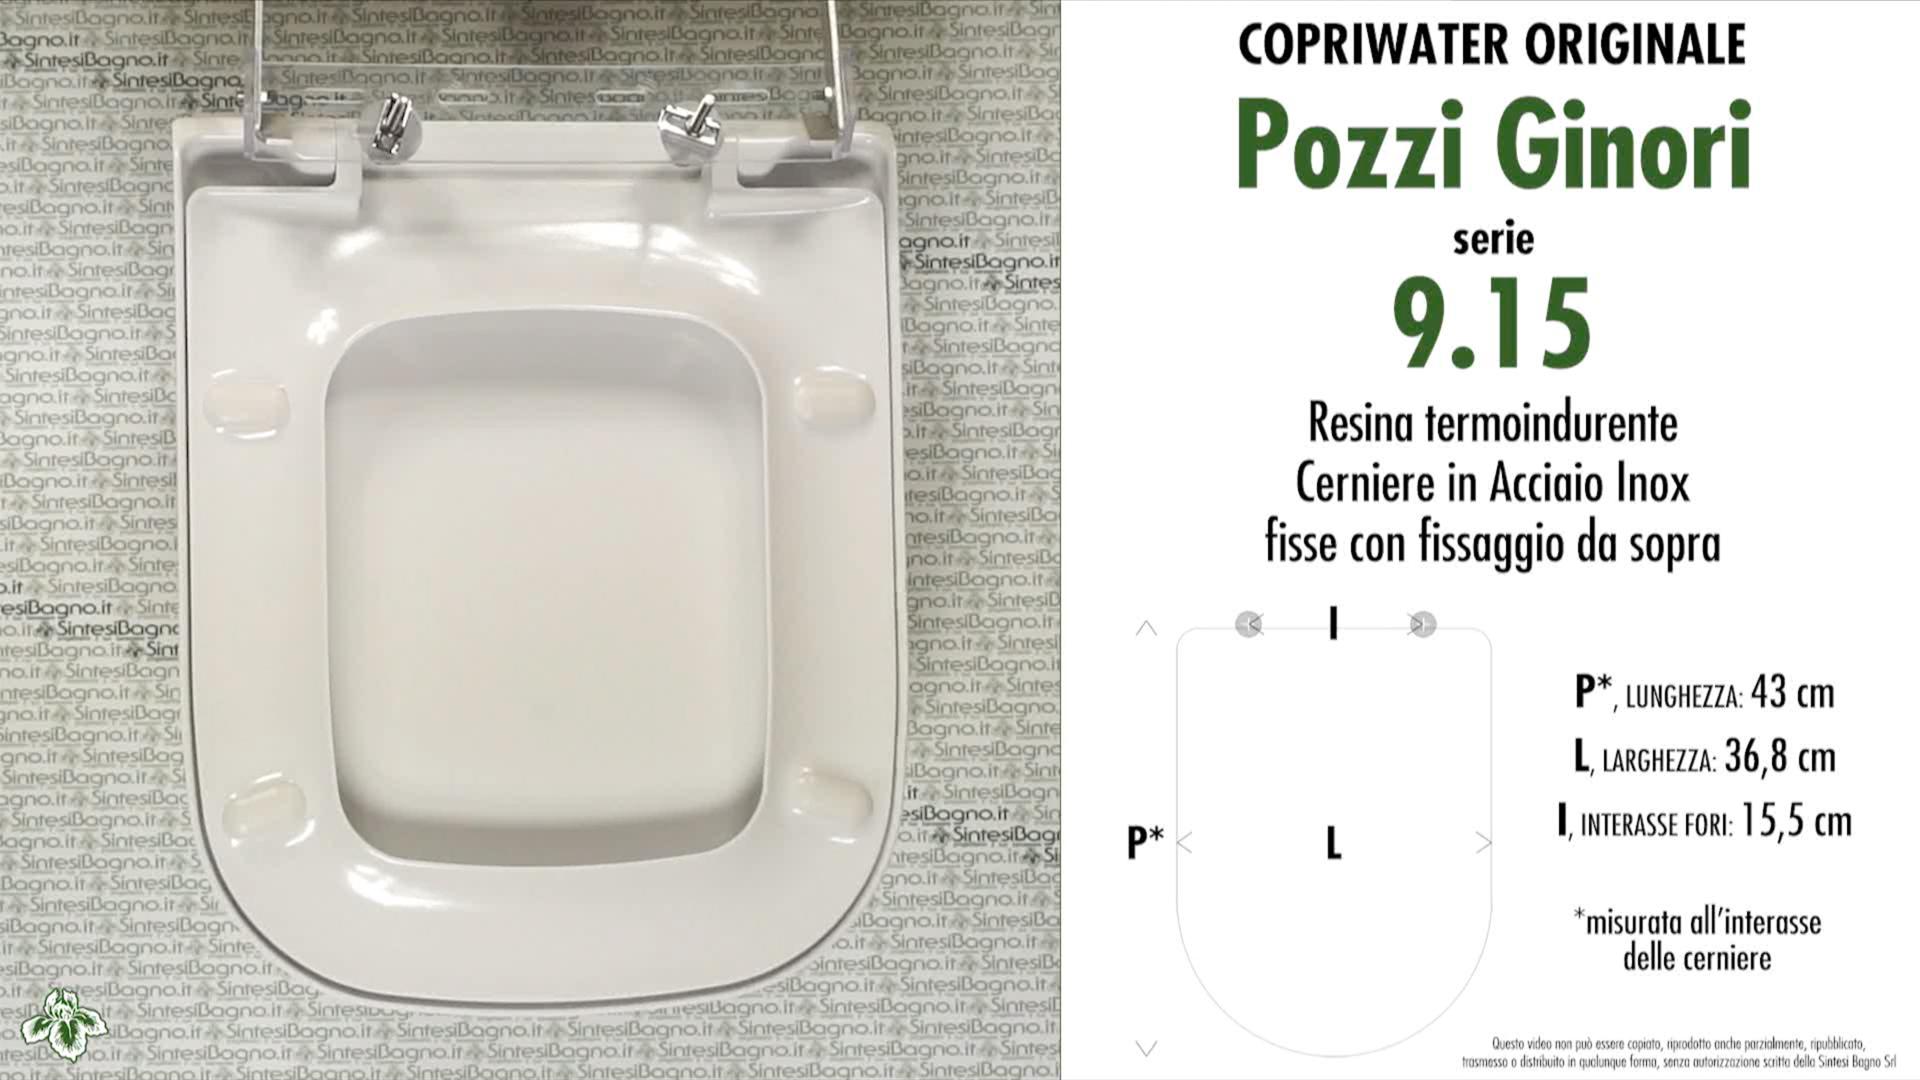 SCHEDA TECNICA MISURE copriwater POZZI GINORI 9.15